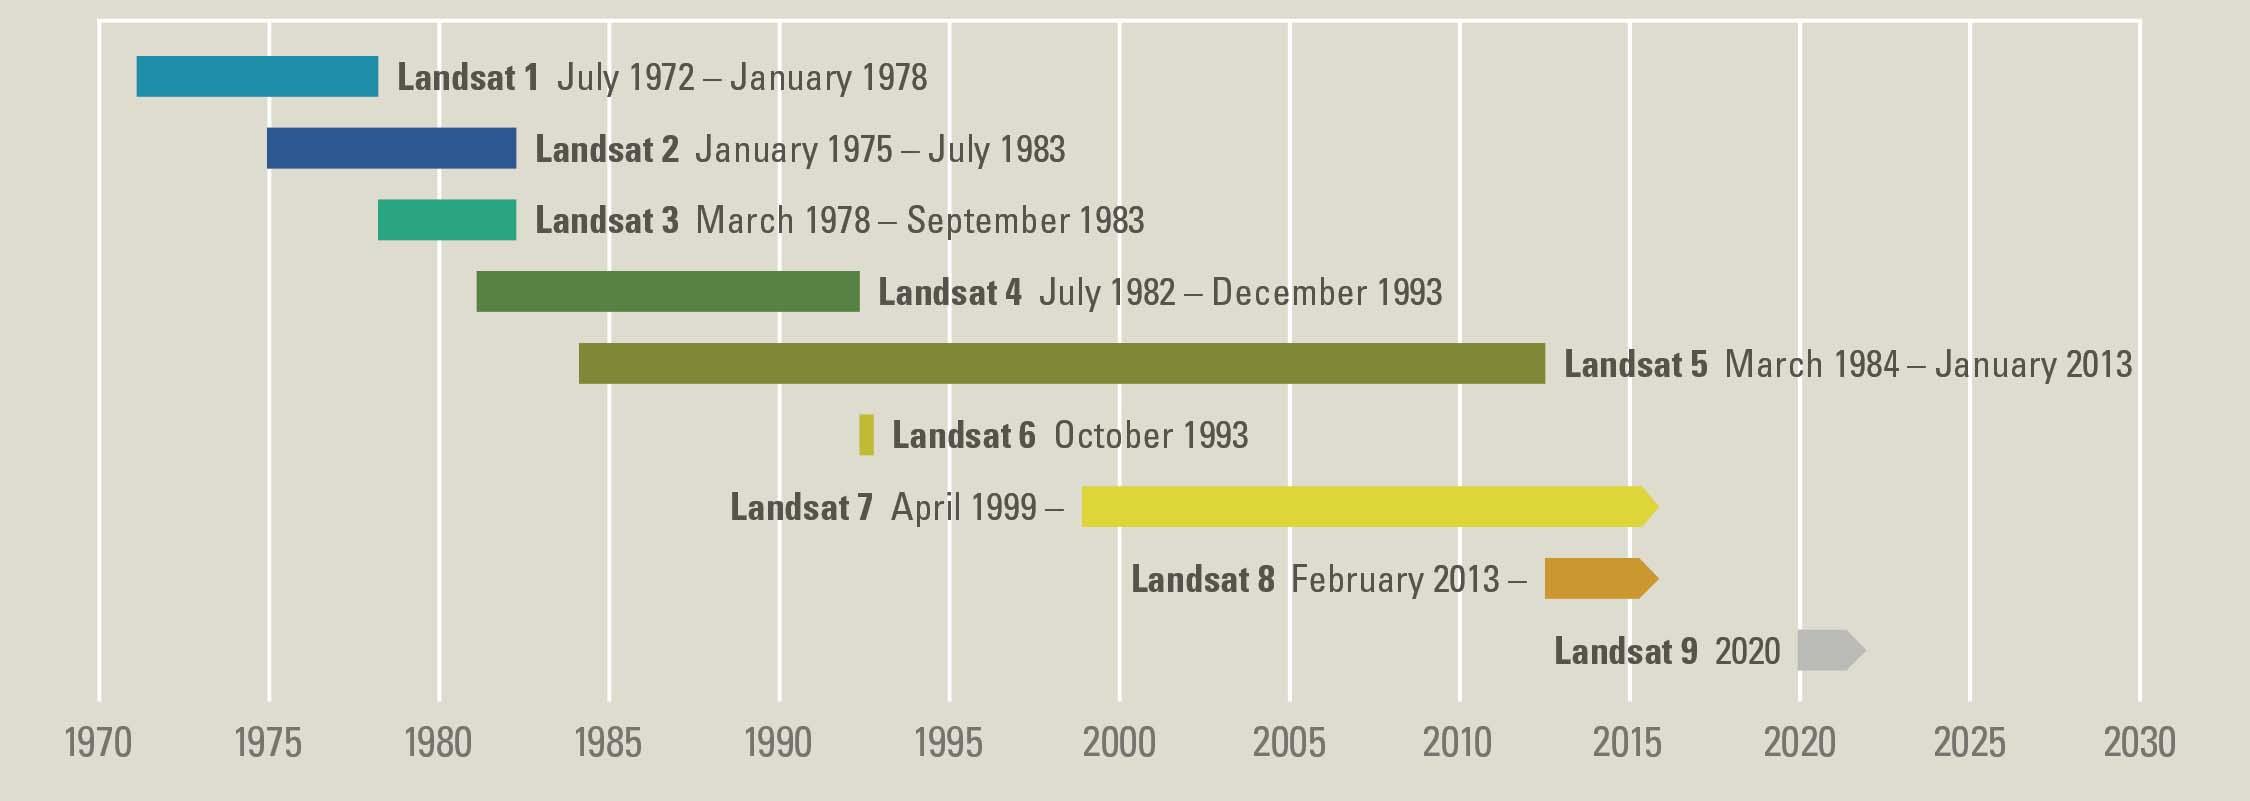 Landsat 40 year timeline source: USGS.